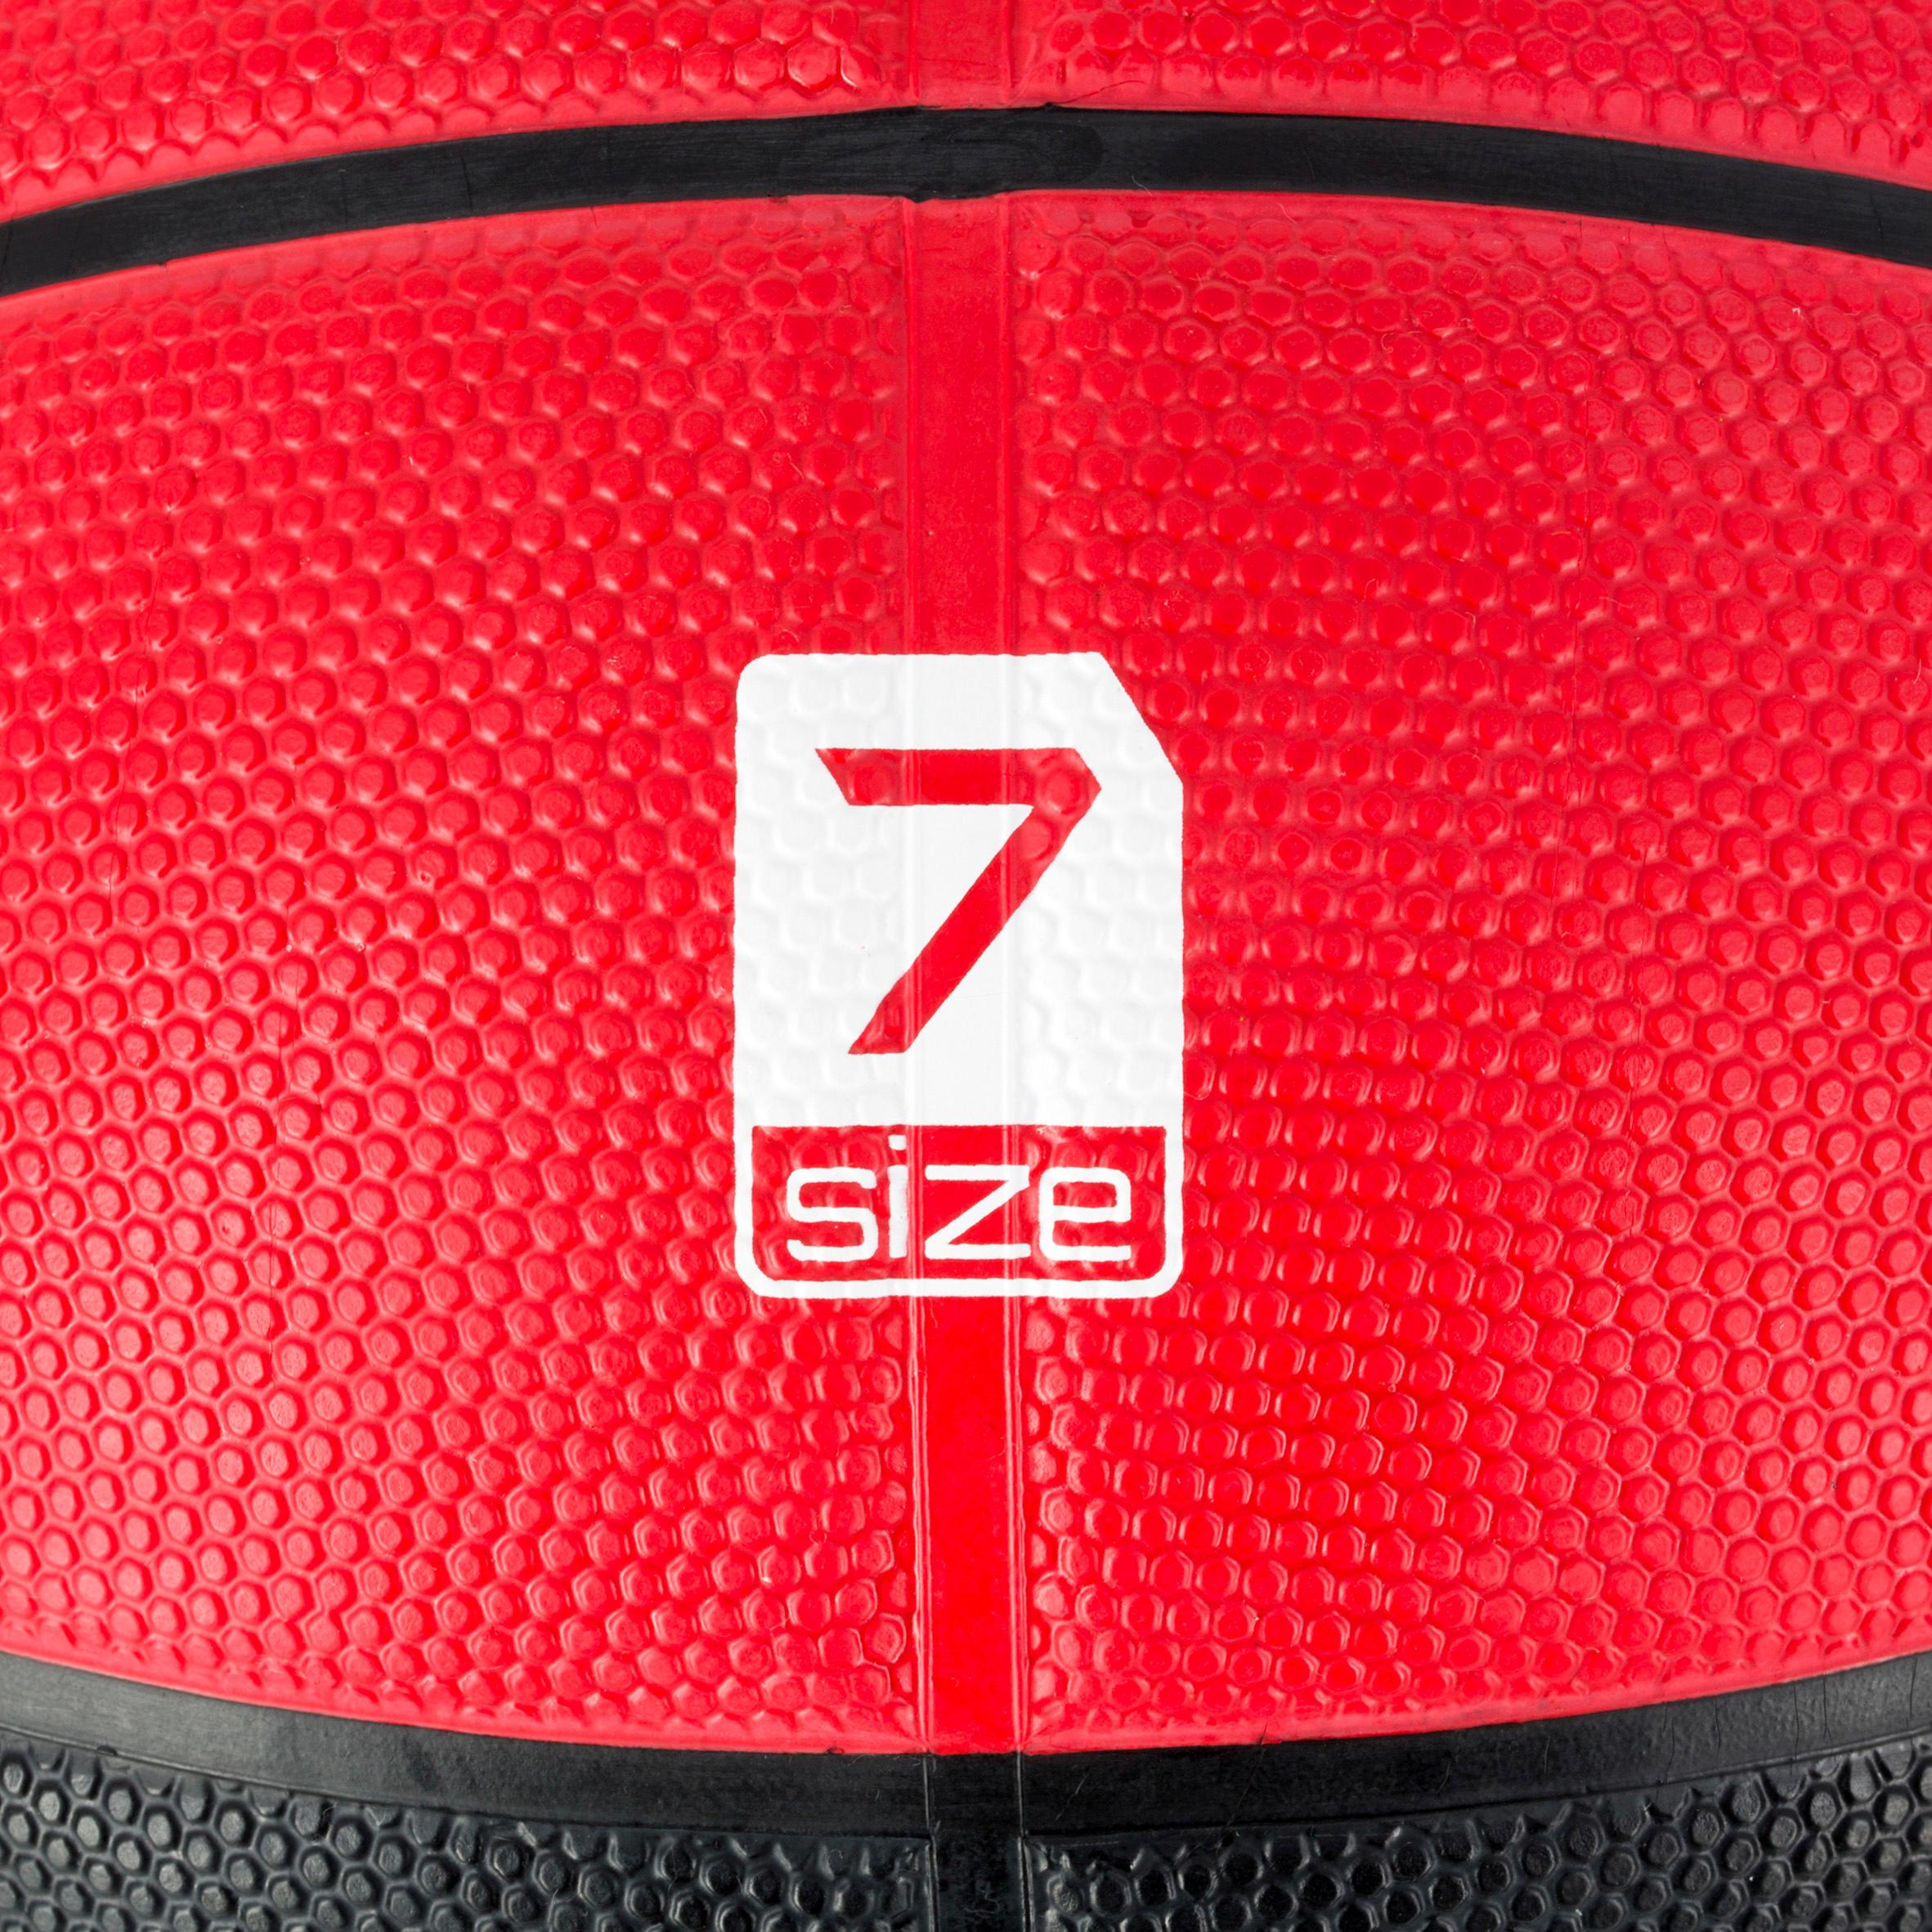 Ballon de basket homme R300 taille 7 noir rouge. Résistant. À partir de 12 ans.